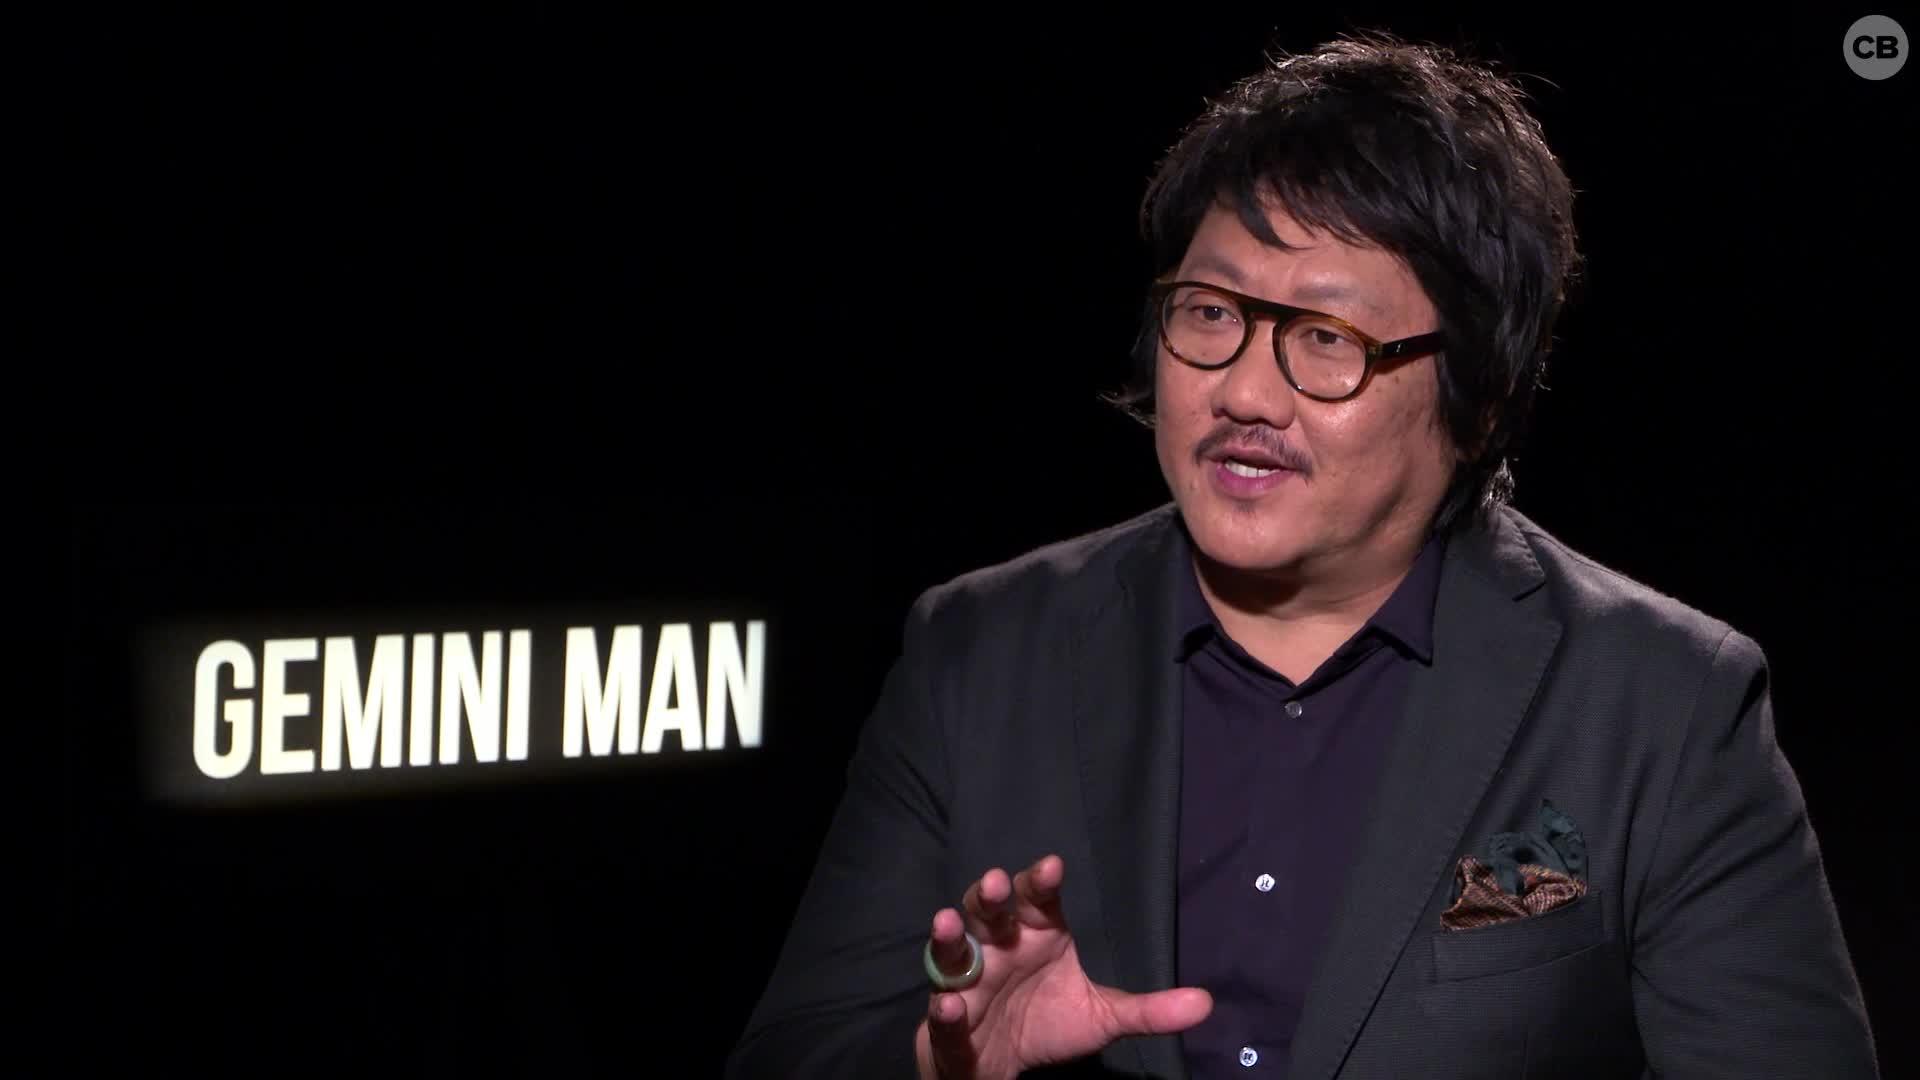 Benedict Wong Talks Gemini Man - Exclusive Interview screen capture